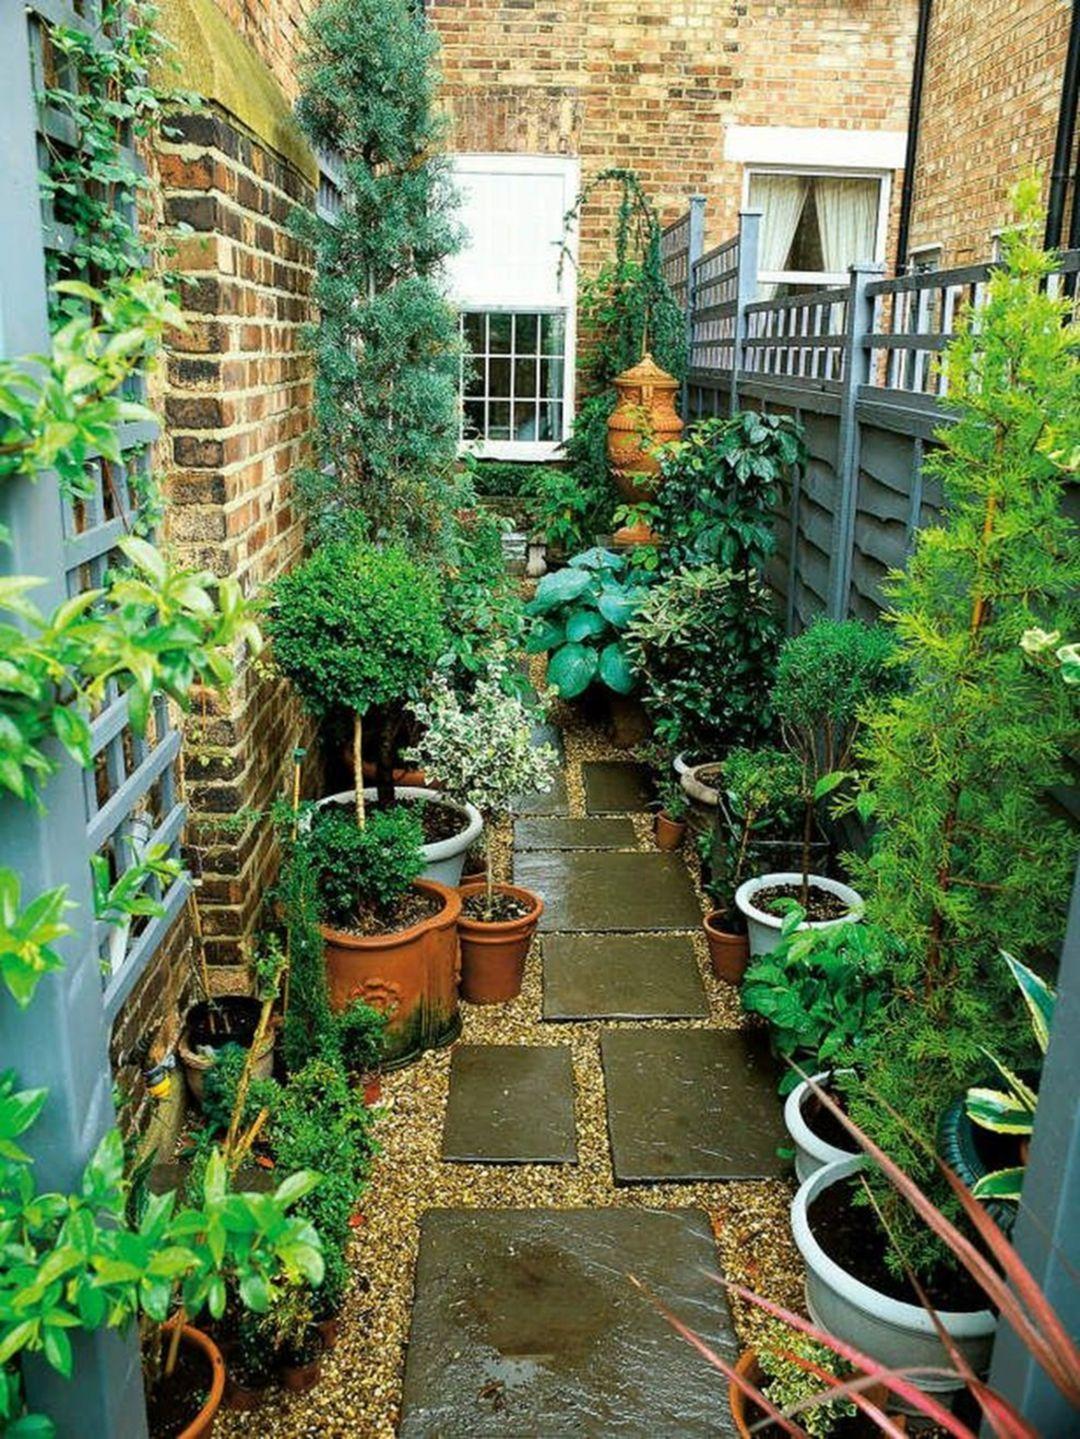 25 Creative Small Garden Ideas For Fantastic Homes Teracee Small Backyard Gardens Small Courtyard Gardens Courtyard Gardens Design